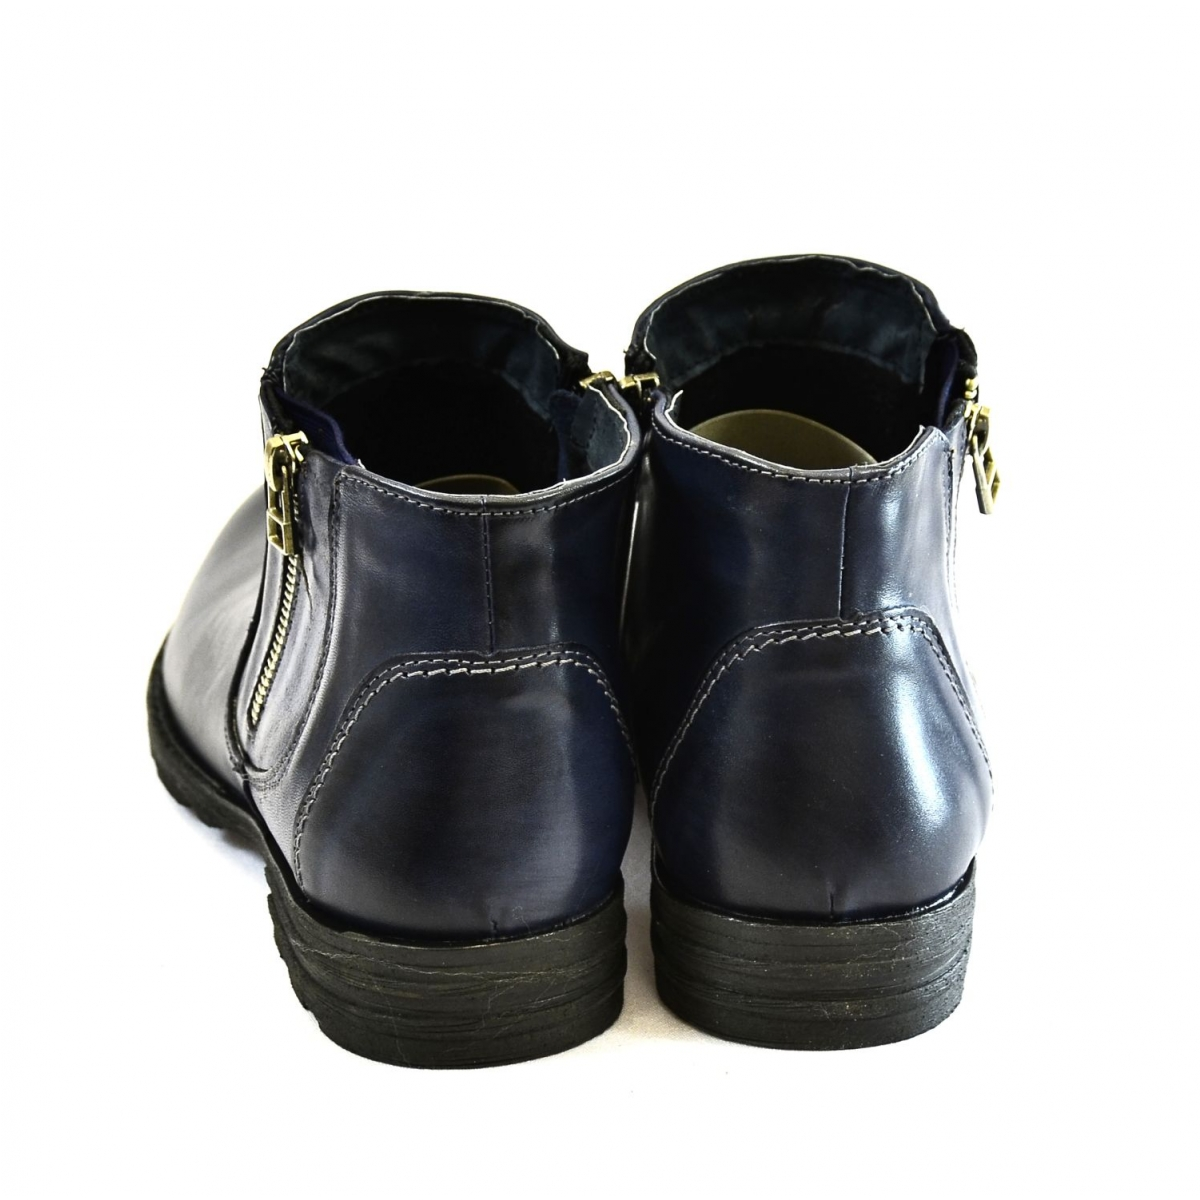 e929fcada8131 Pánske tmavo-modré zimné topánky HARRY | Johnc.sk